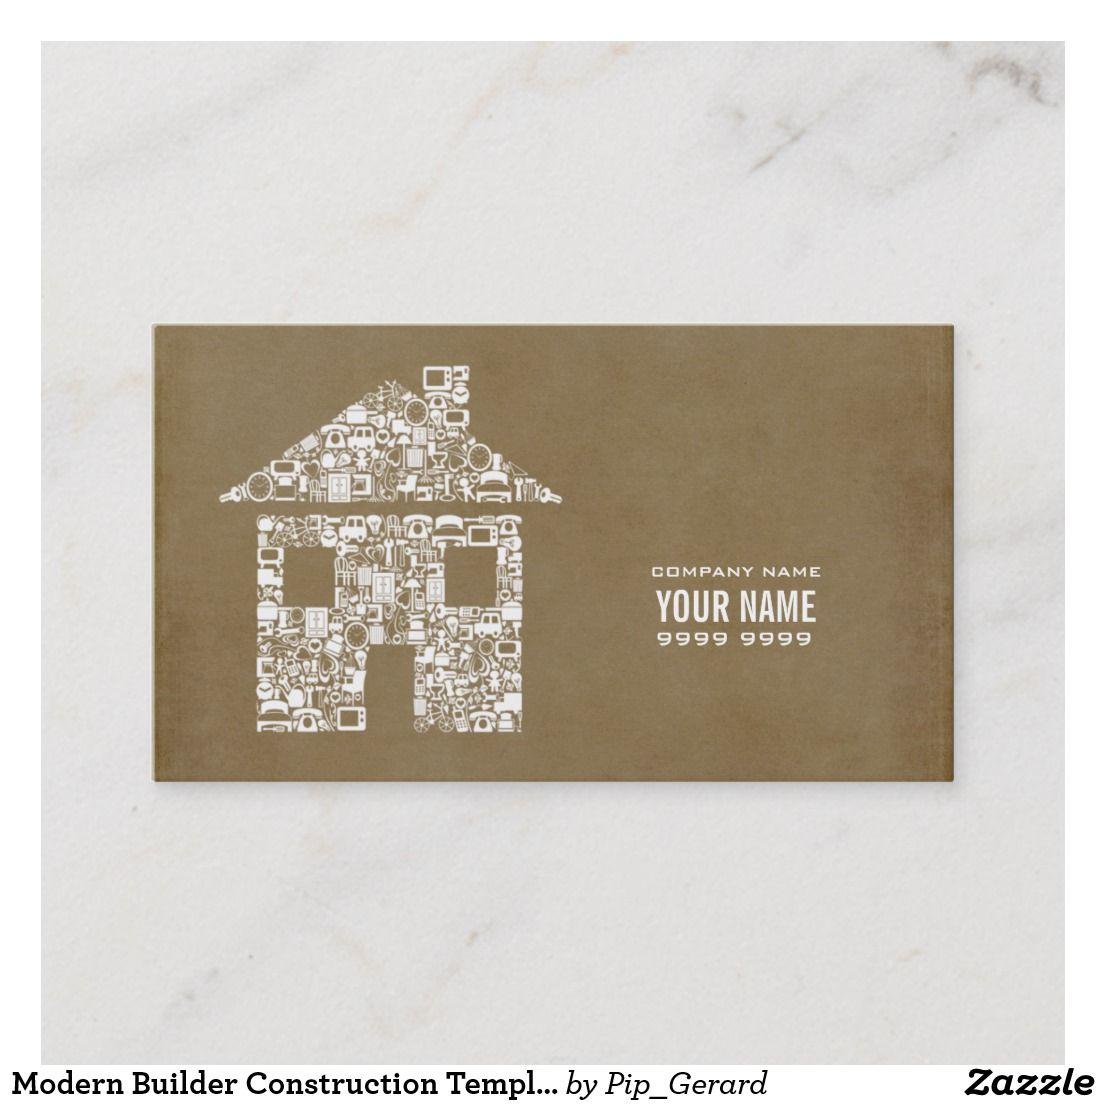 Modern Builder Construction Template Business Card Zazzle Com Construction Business Cards Cards Construction